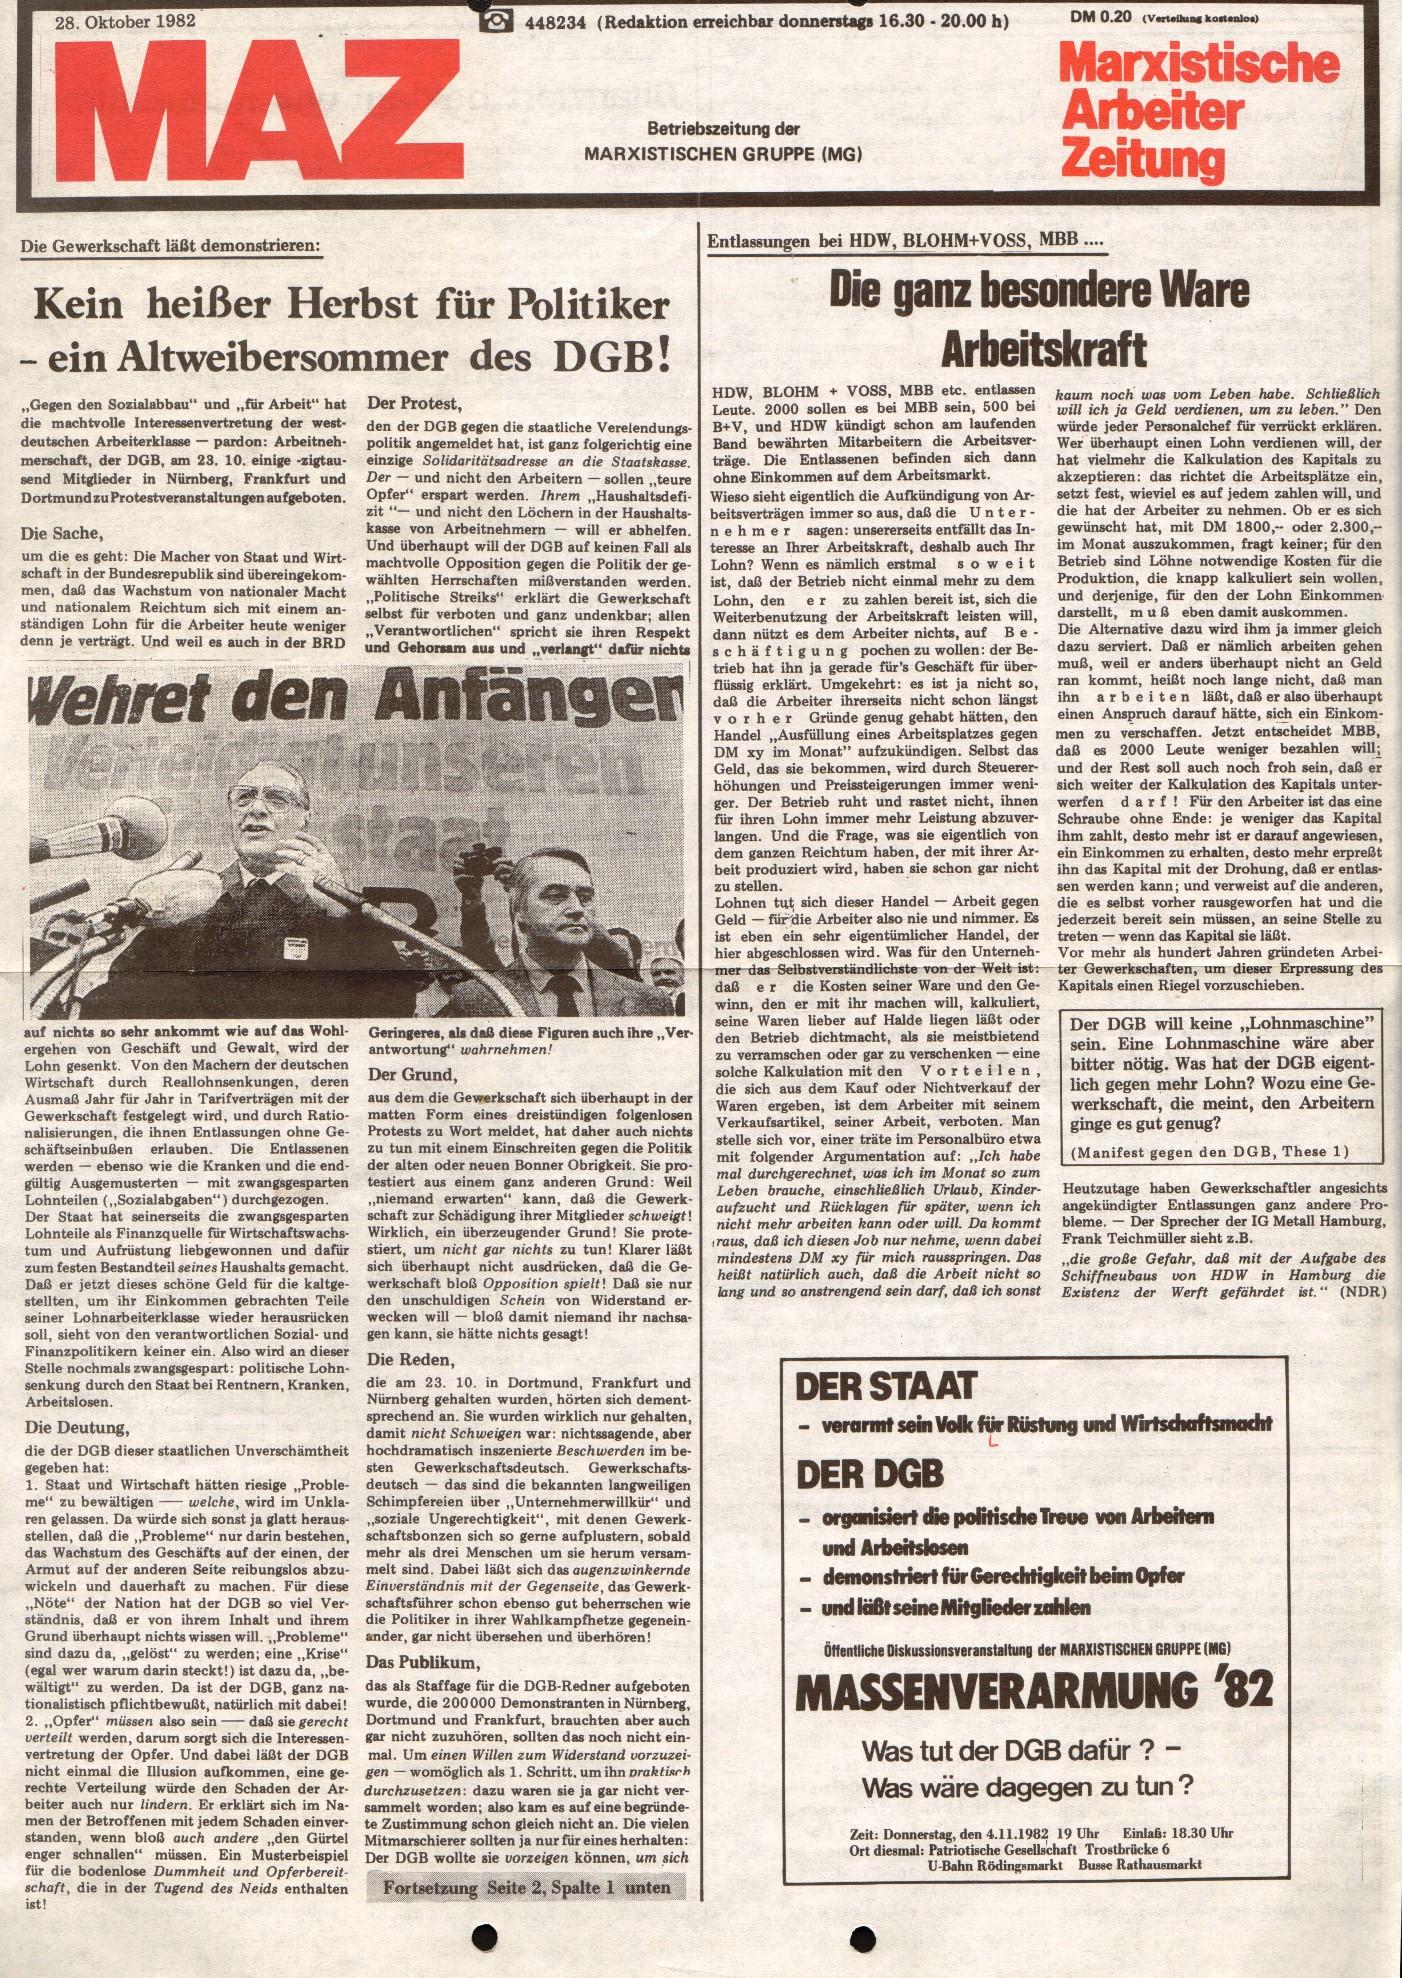 Hamburg_MG_MAZ_19821028_01